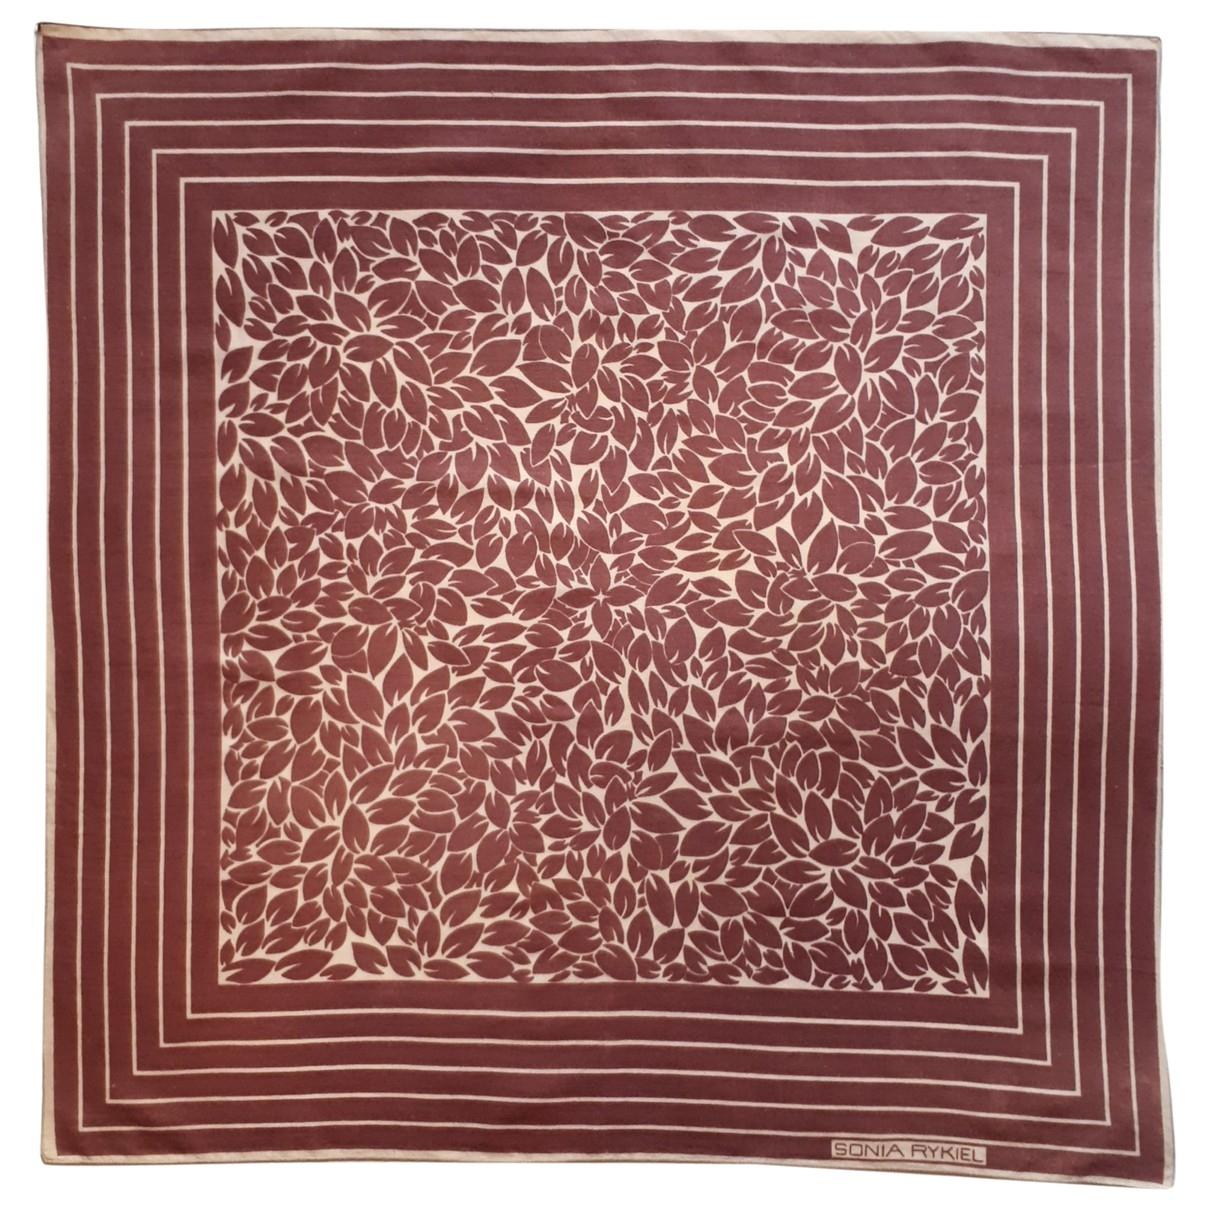 Sonia Rykiel \N Red Cotton scarf for Women \N